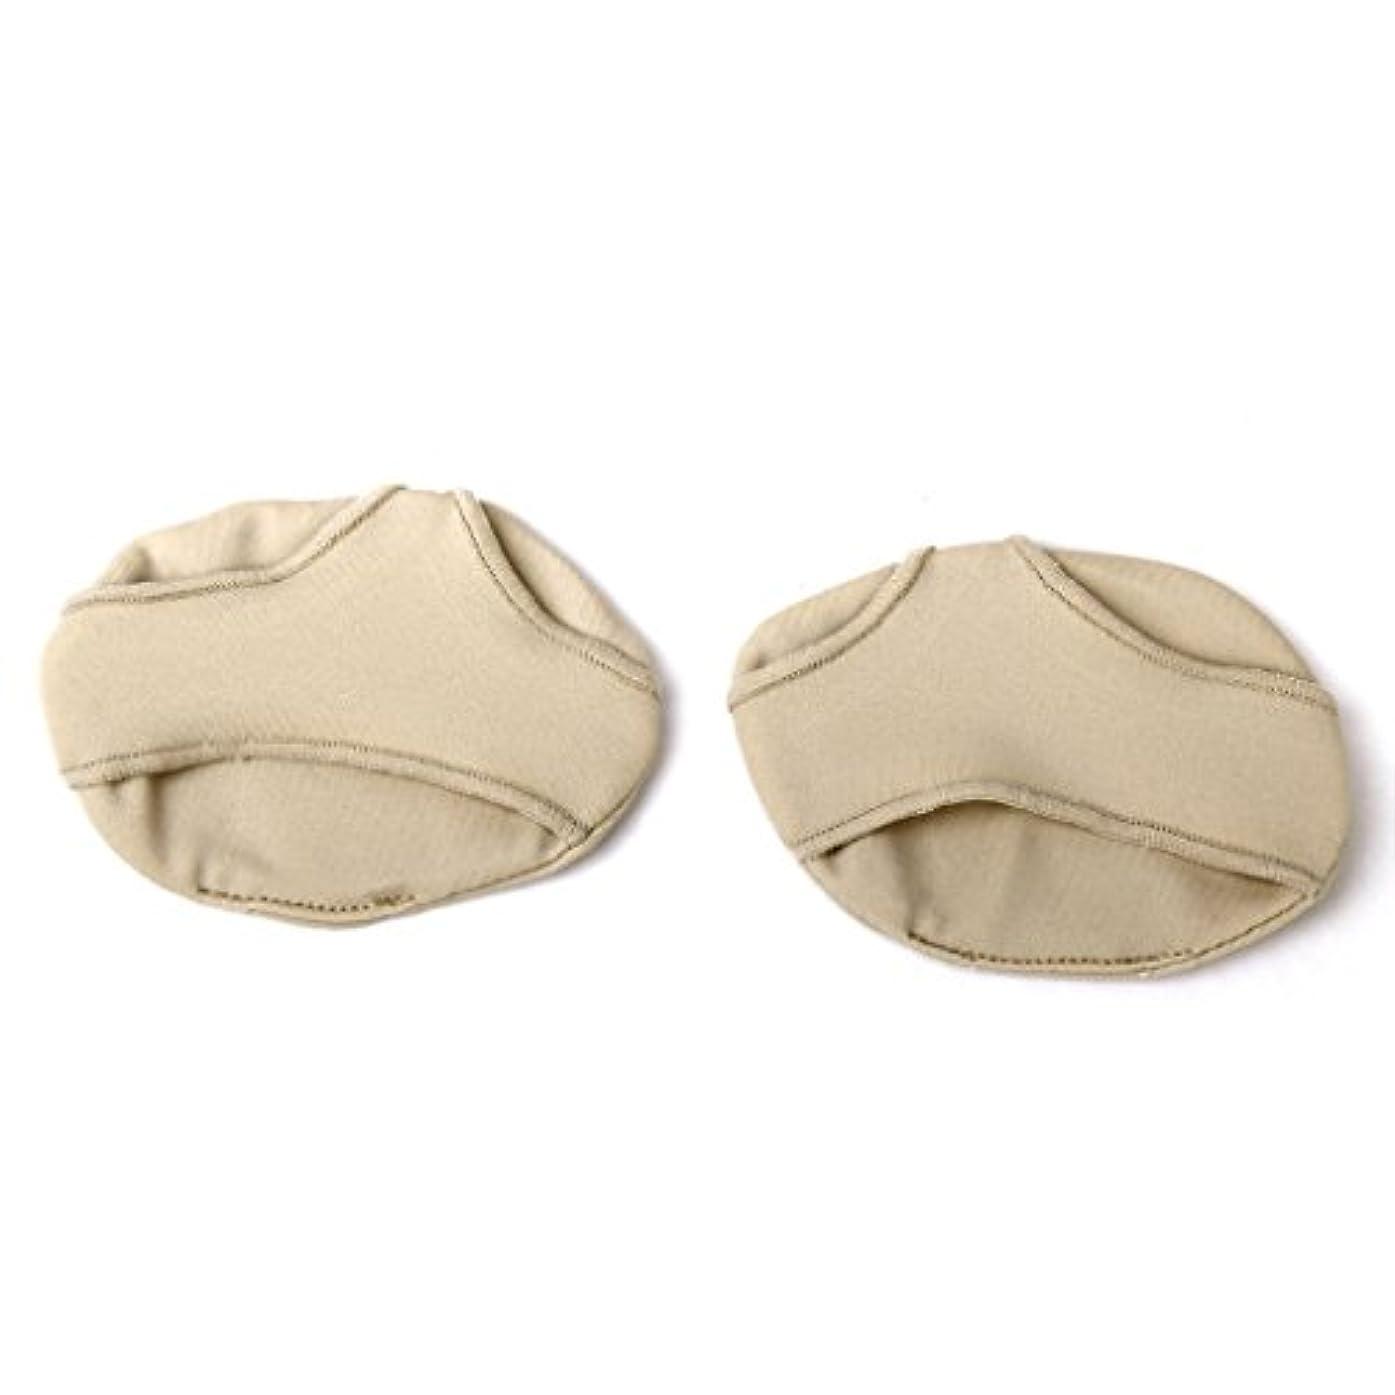 ハイライト店主規模Gaoominy ペアの低中足パッド クッションブランケット 前足の痛みを和らげるためのストラップ付きインソール Y形